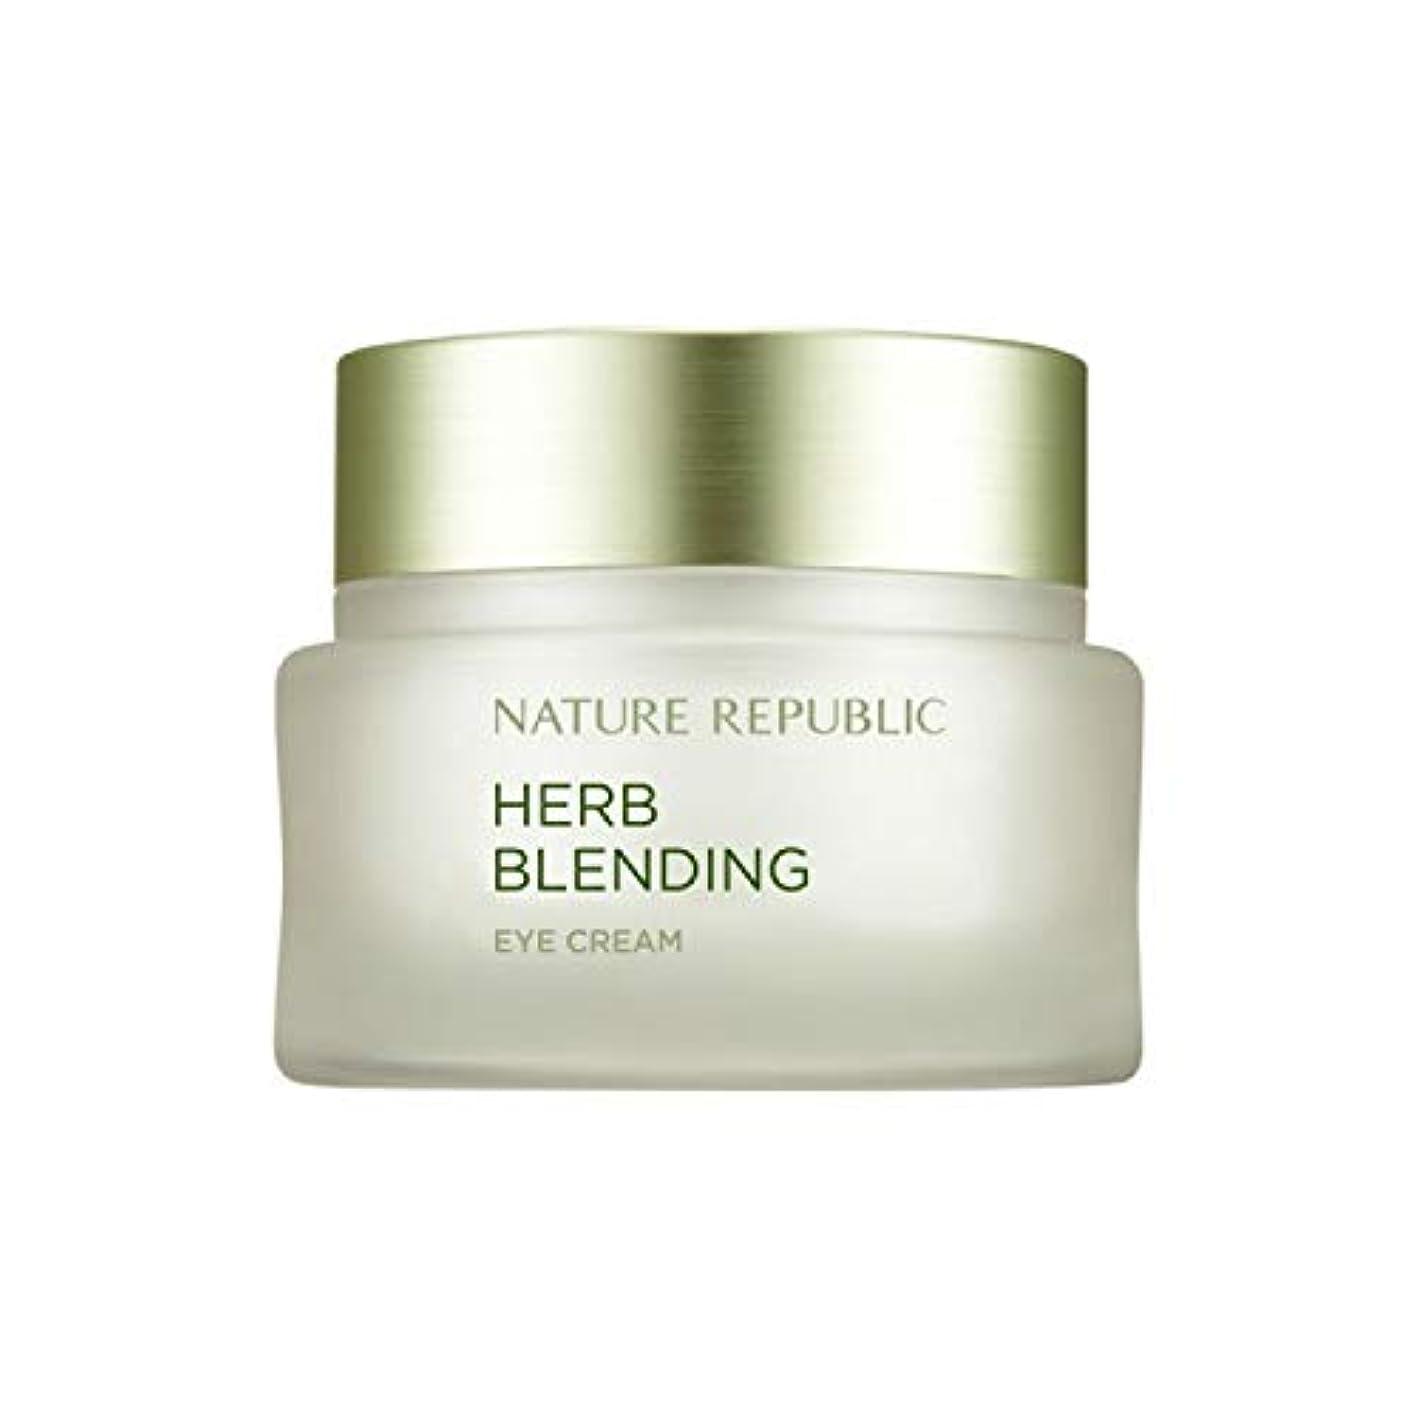 不健全ベジタリアン小間ネイチャーリパブリック(Nature Republic)ハブブレンドアイクリーム 25ml / Herb Blending Eye Cream 25ml :: 韓国コスメ [並行輸入品]